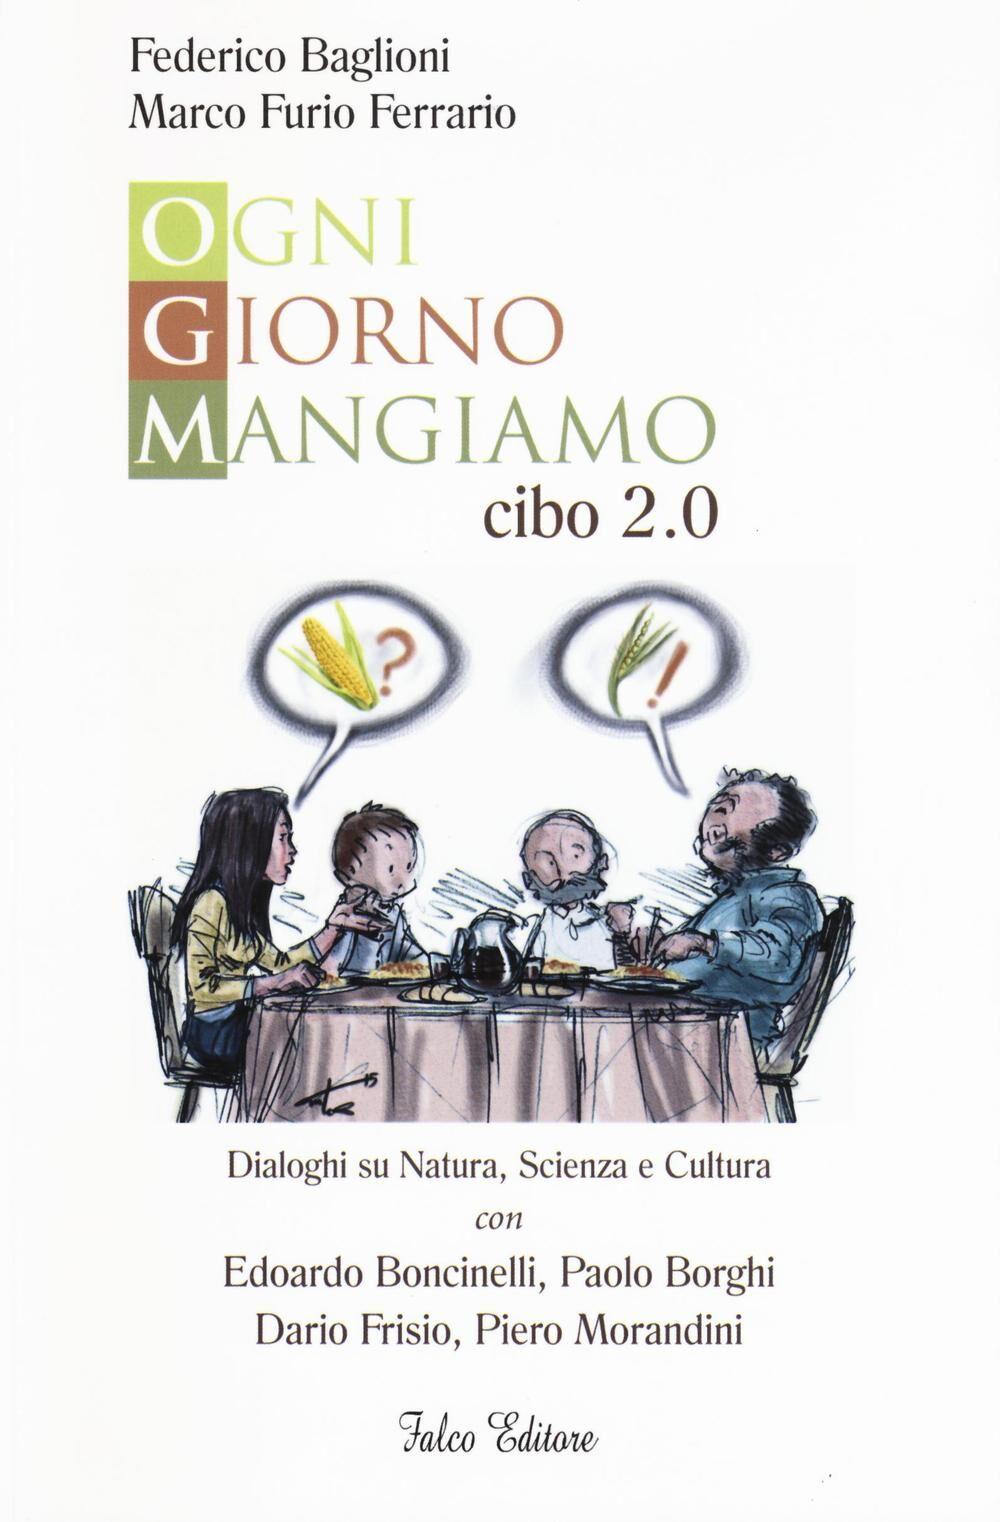 Ogni giorno mangiamo. Cibo 2.0. Dialoghi su natura, scienza e cultura con Edoardo Boncinelli, Paolo Borghi, Dario Frisio, Piero Morandini